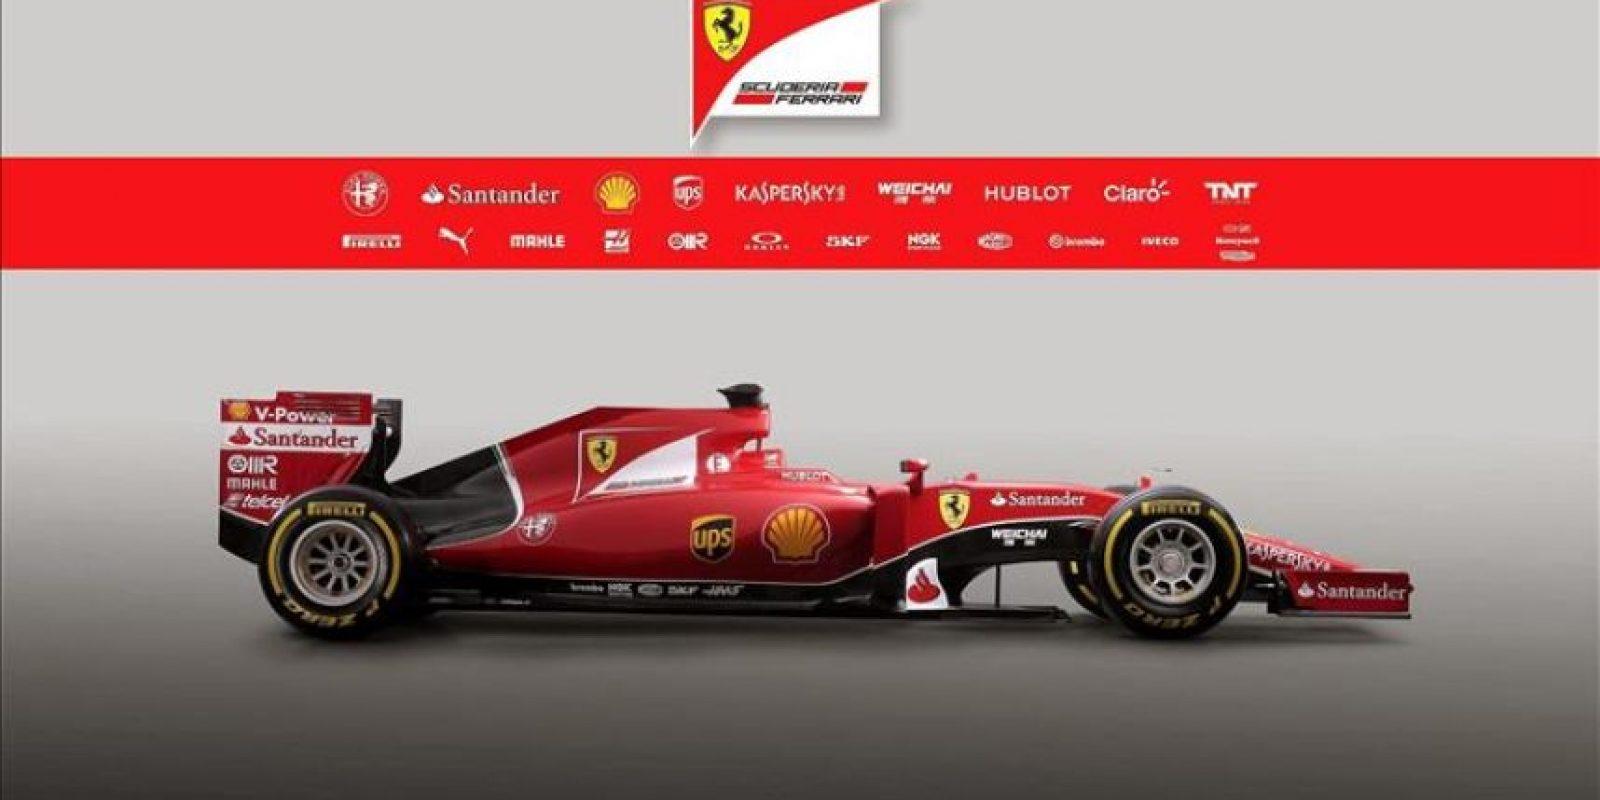 Fotografía facilitada por Ferrari que muestra el nuevo monoplaza del equipo para la temporada 2015. El SF15-T fue presentado en Maranello (Italia) hoy, viernes 30 de enero de 2015. EFE